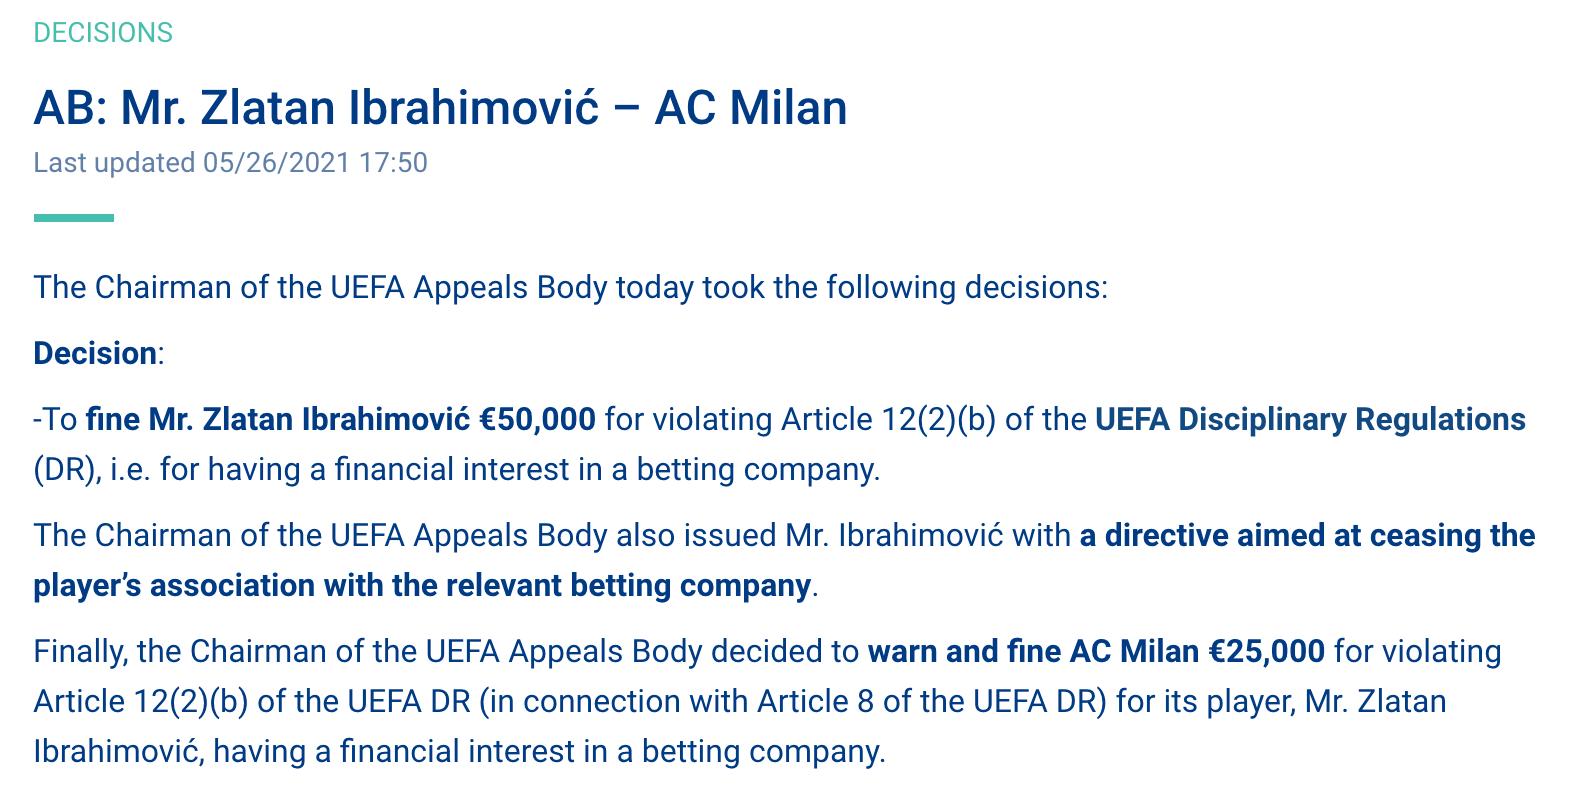 Uefas beslut 26 maj om att ge Zlatan Ibrahimovic böter på en halv miljon kronor för hans finansiella intressen i spelbolaget Gameday/Bethard.